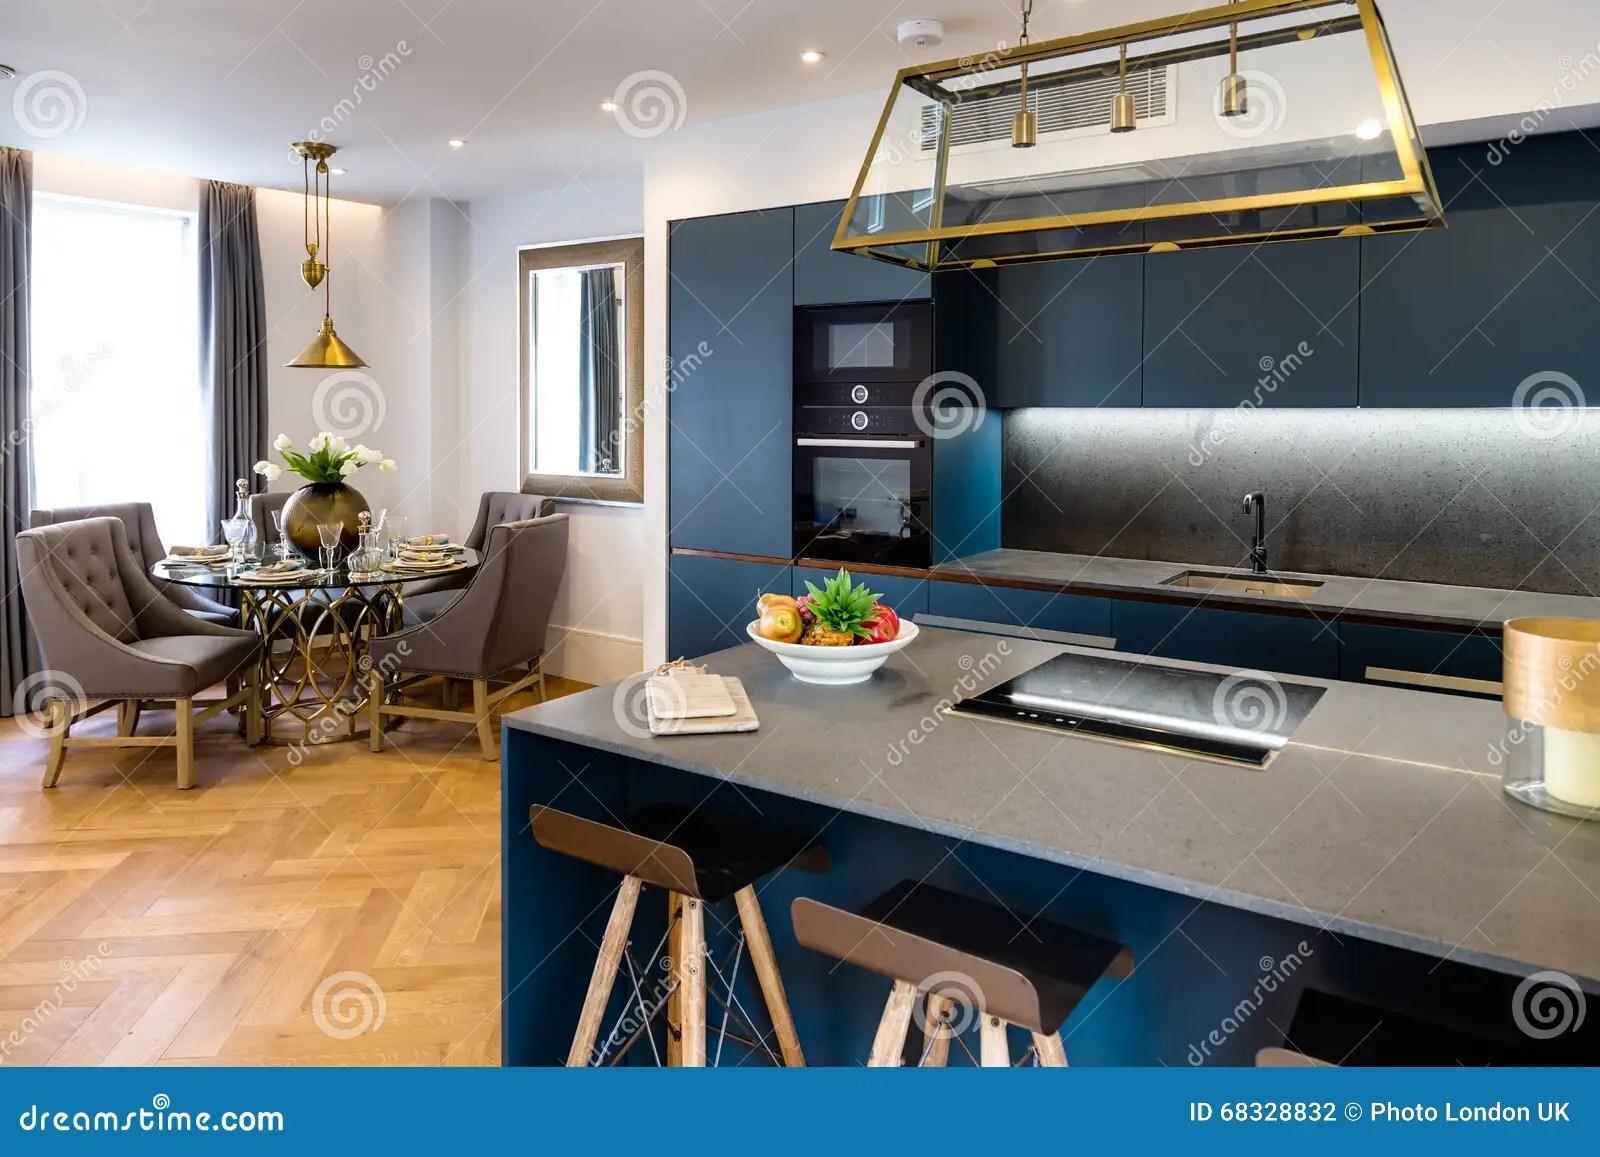 table kitchen island combo 豪华厨房和餐桌库存照片 图片包括有优等 居住 设计 豪华 室内 里面 现代豪华厨房和客厅餐桌